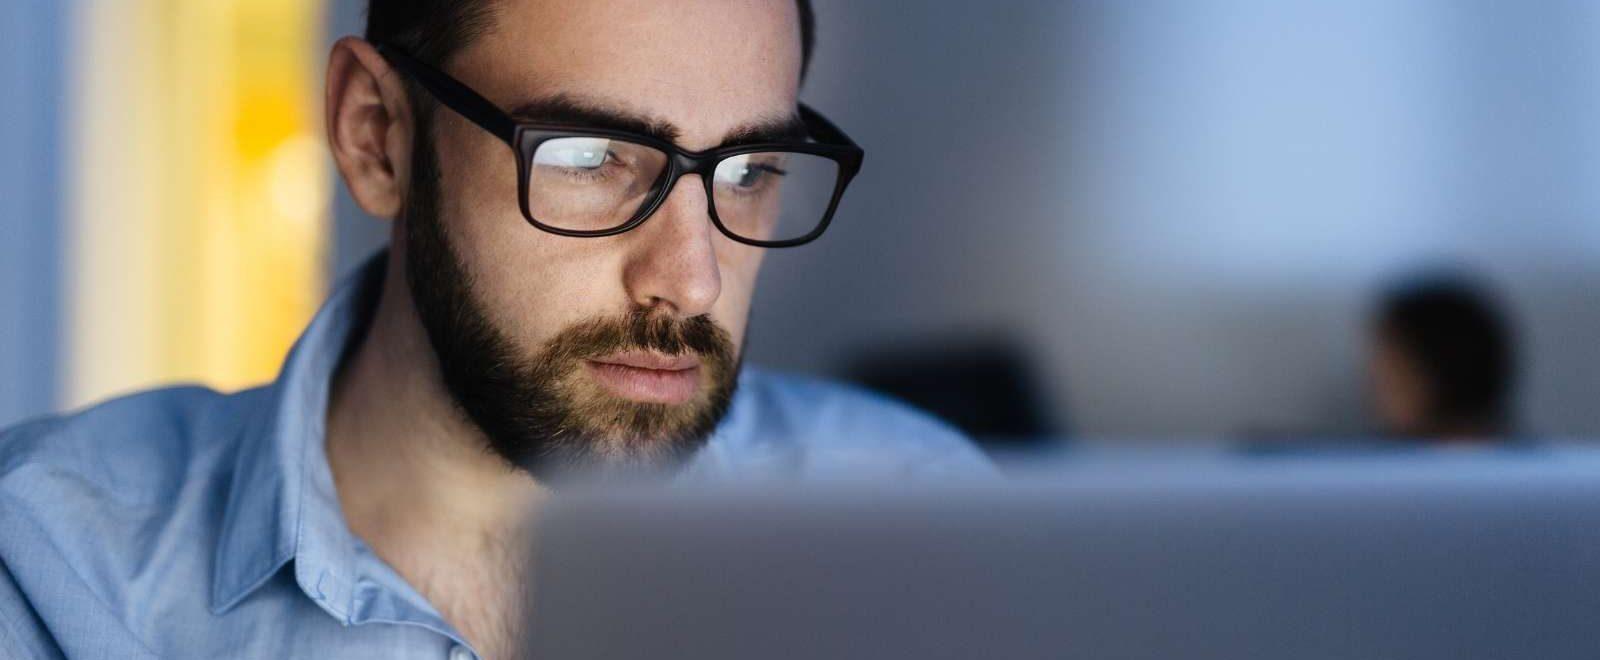 Passare dal pensiero all'azione: uomo concentrato sul proprio lavoro